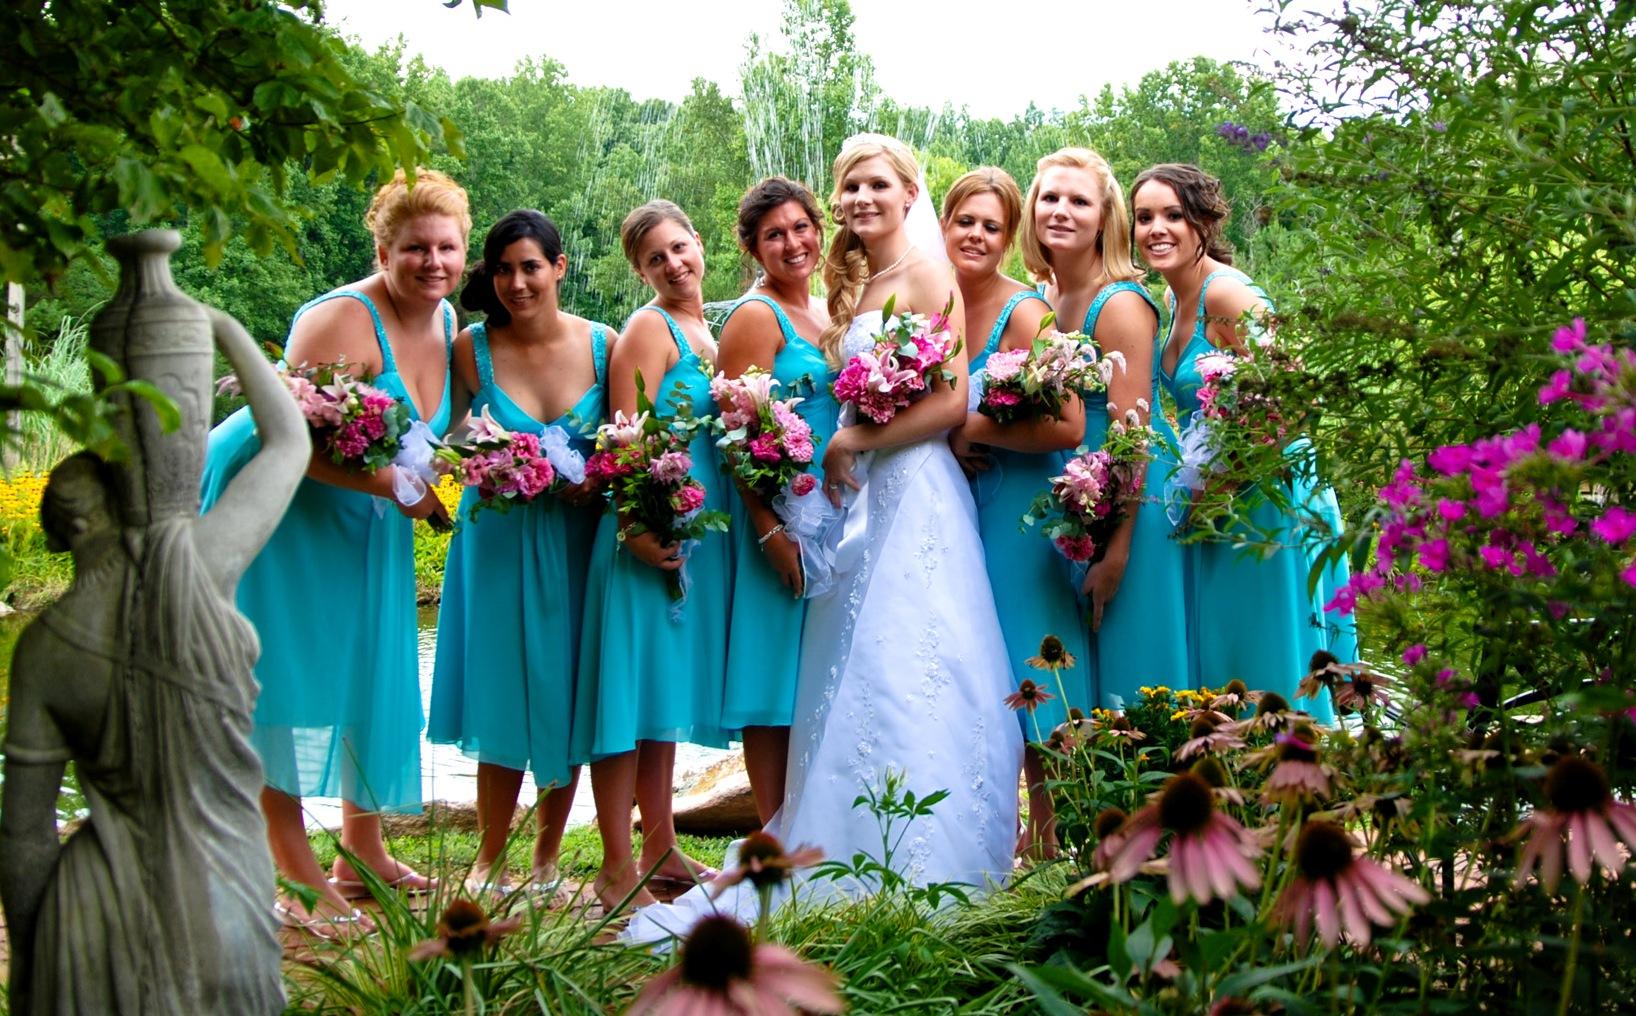 brides mates